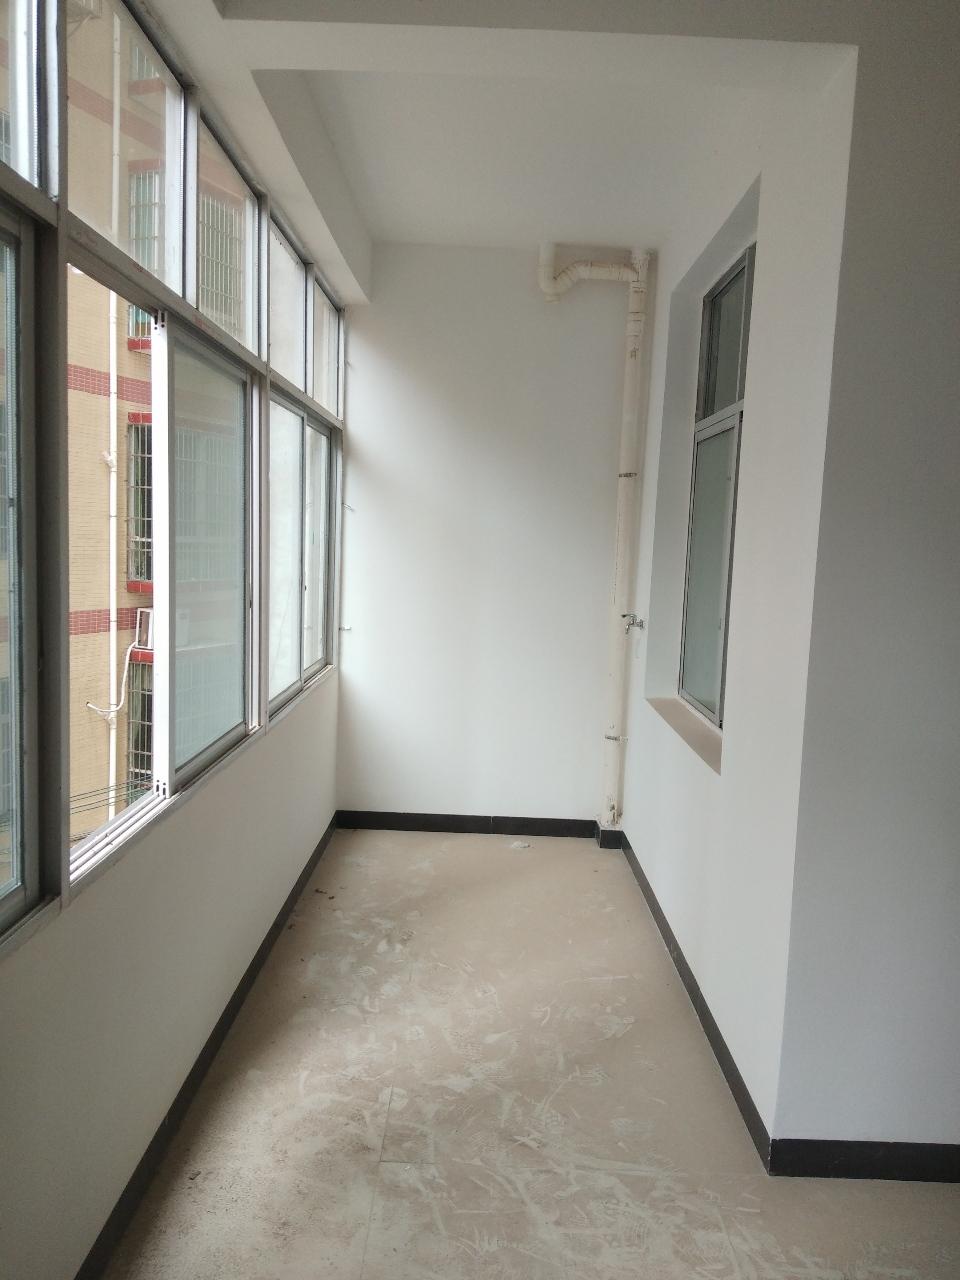 阳光水岸附近电梯安置房3室 2厅 2卫46.2万元